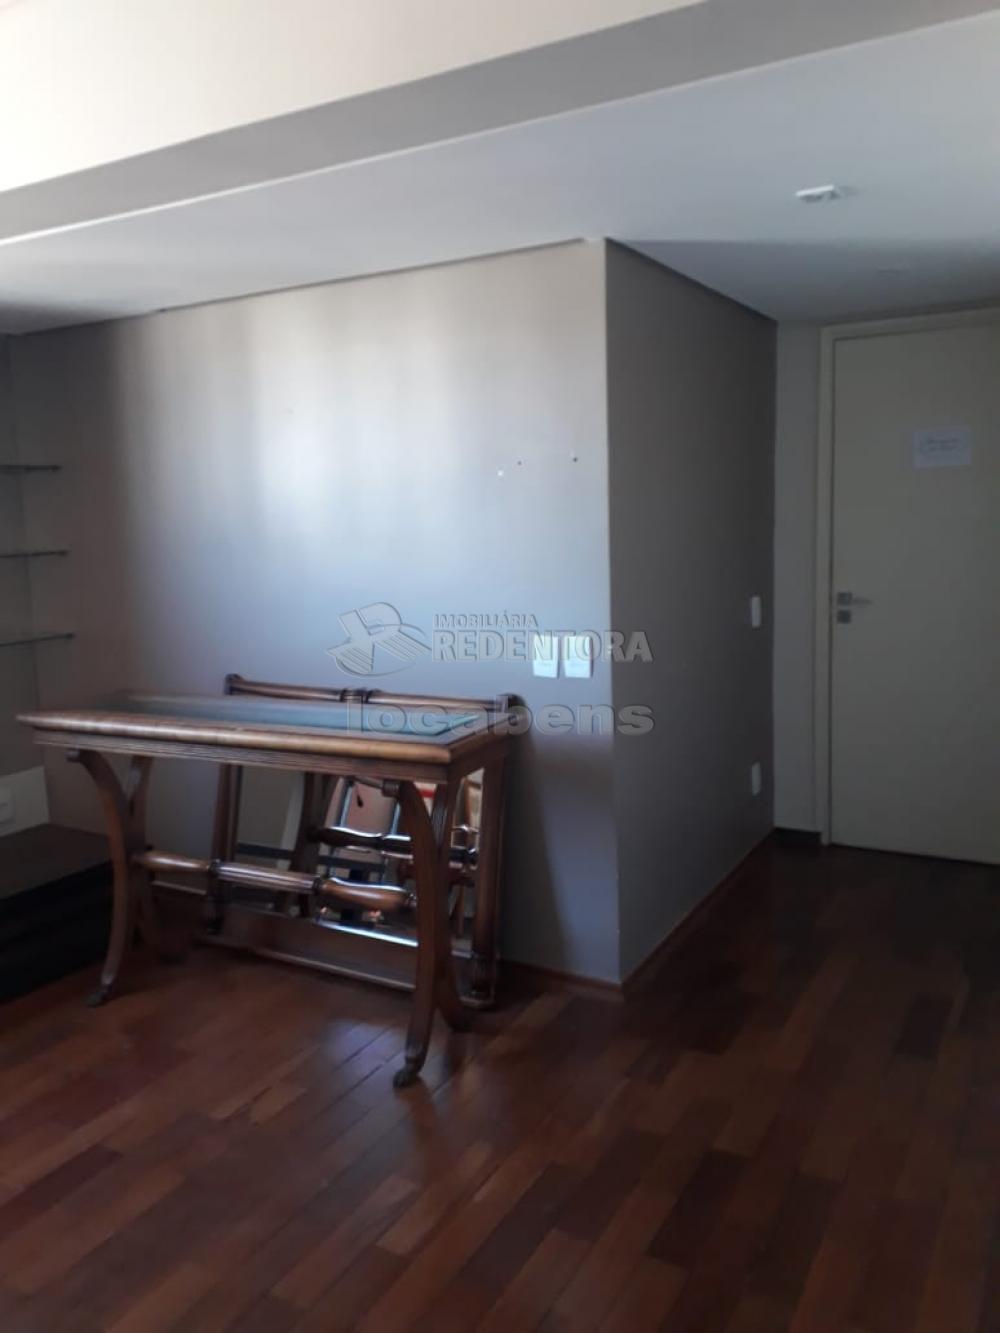 Comprar Apartamento / Padrão em São José do Rio Preto apenas R$ 450.000,00 - Foto 15